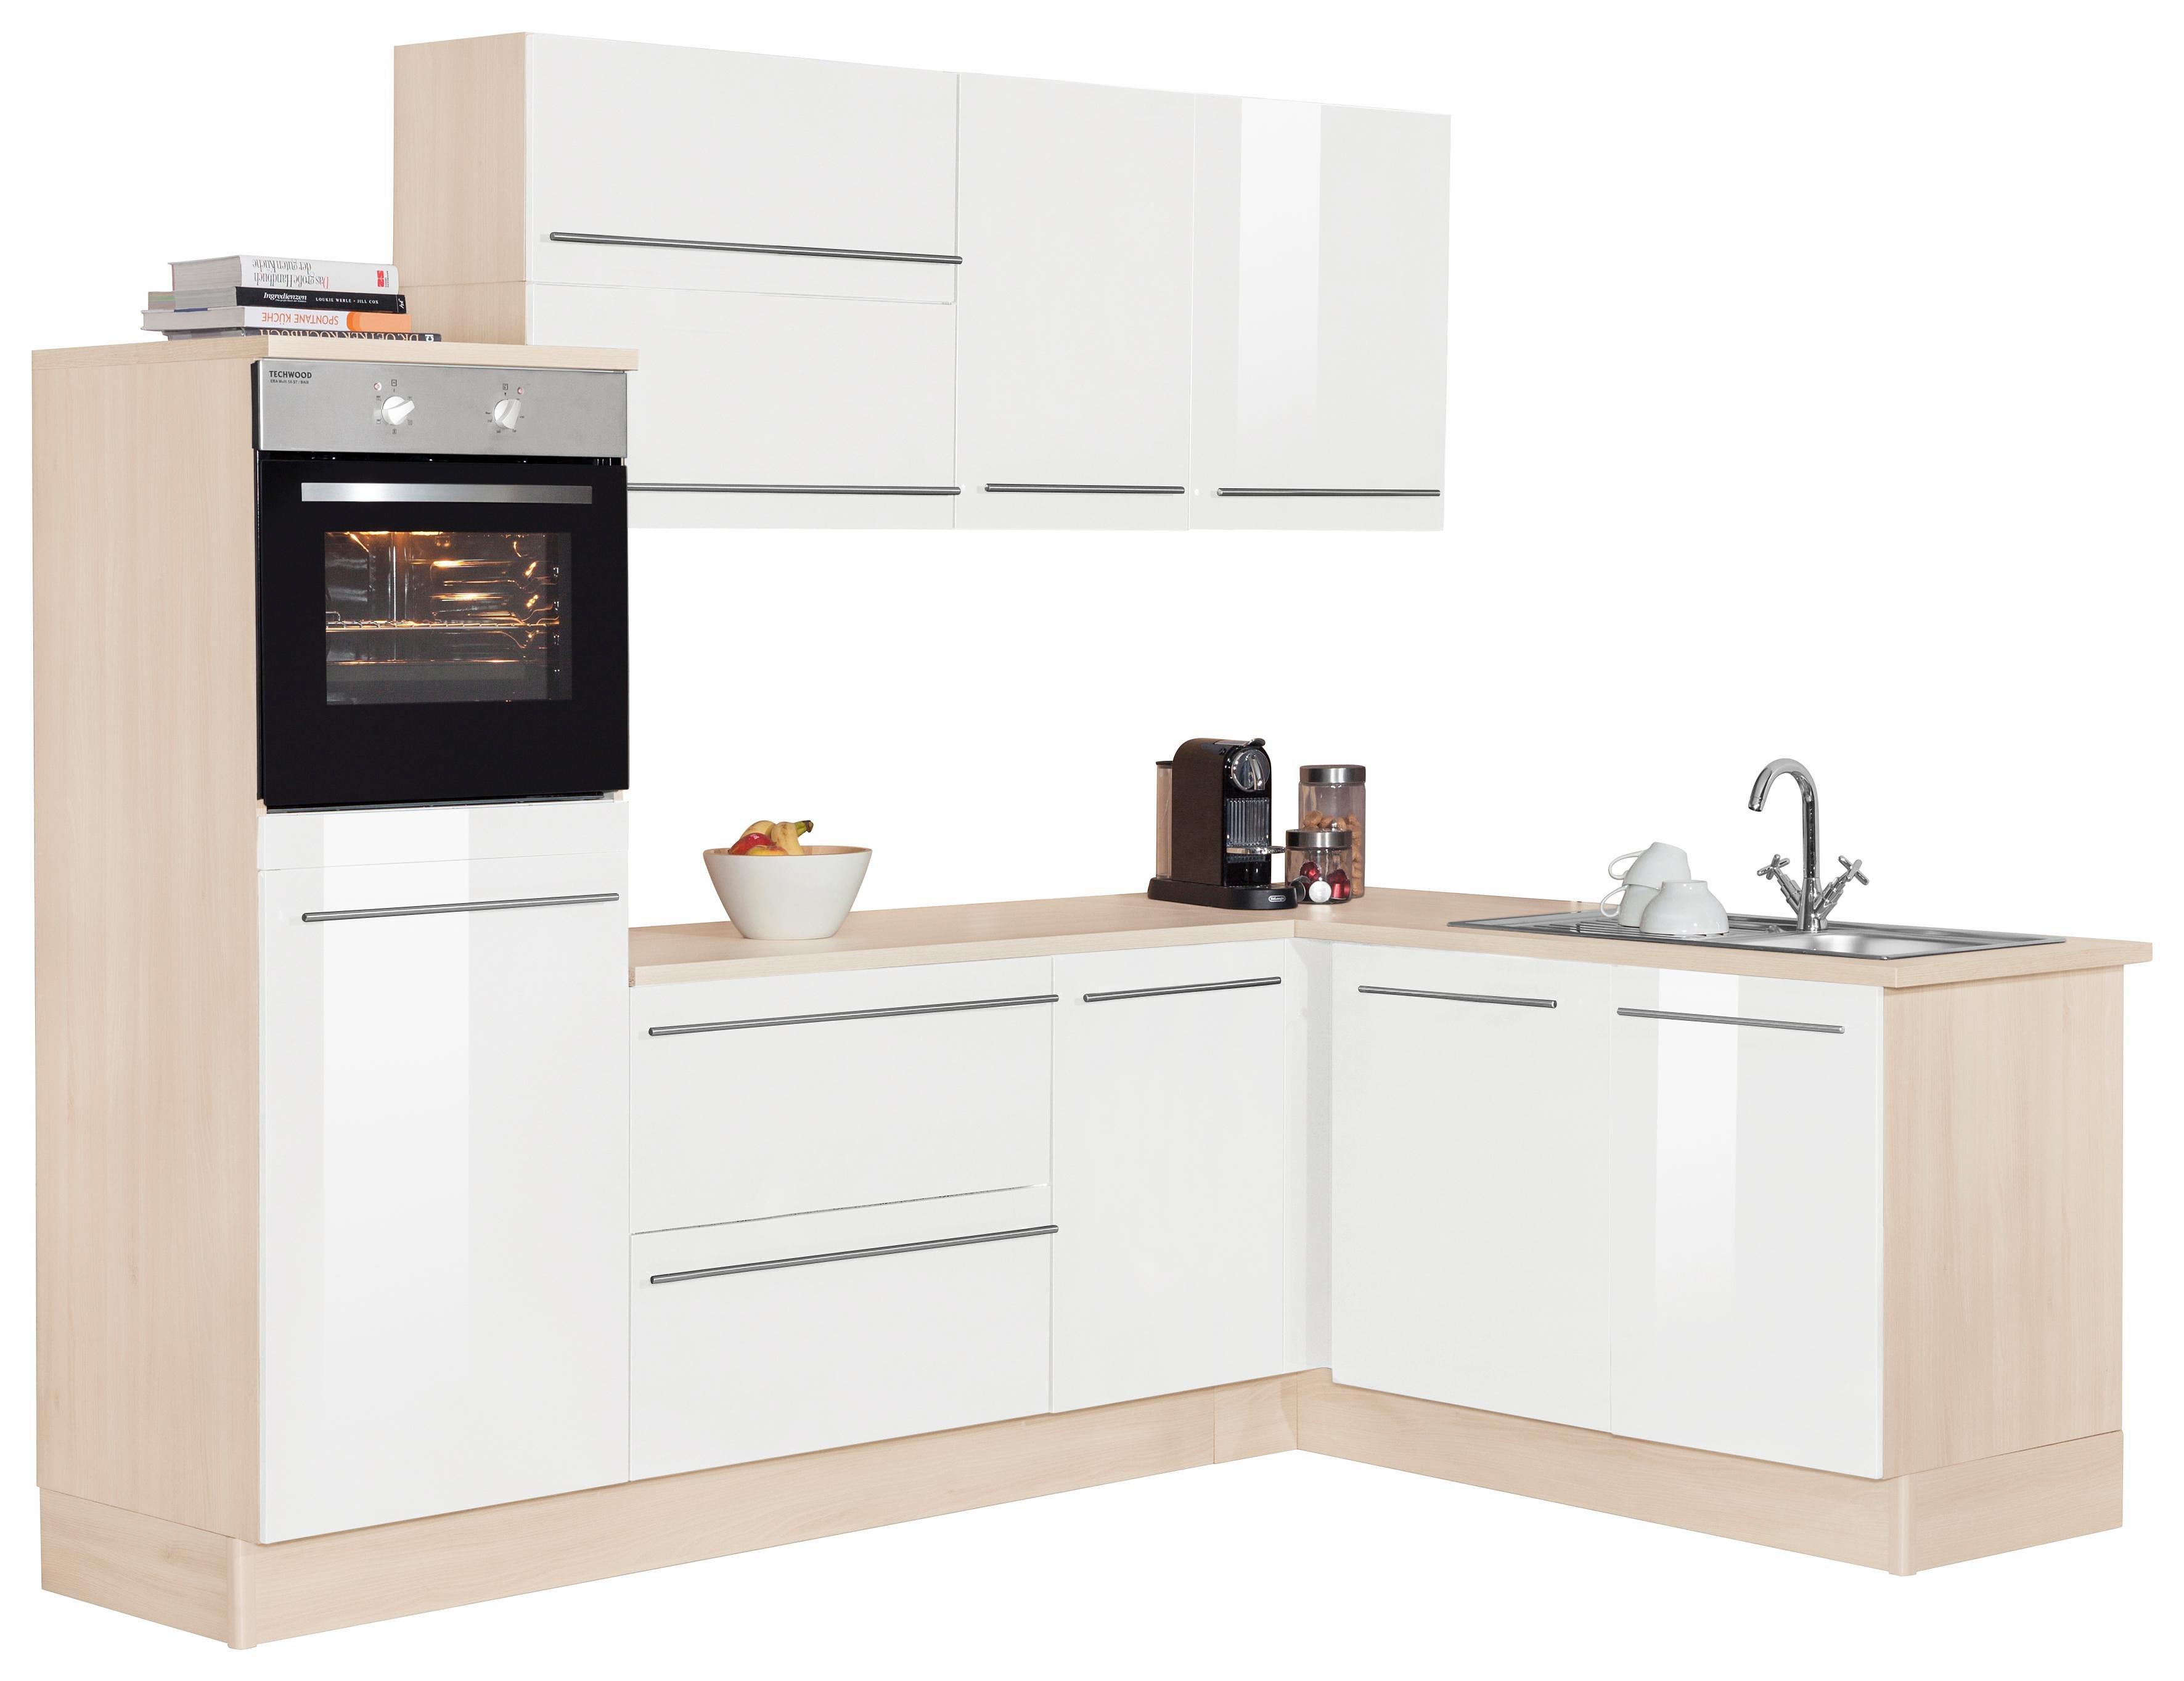 OPTIFIT Winkelküche ohne E-Geräte »Bern«, Stellbreite 255 x 175 cm mit höhenverstellbaren Füßen | Küche und Esszimmer > Küchen > Winkelküchen | Lava - Weiß - Hochglanz | Lack - Hochglanz - Edelstahl - Melamin | OPTIFIT